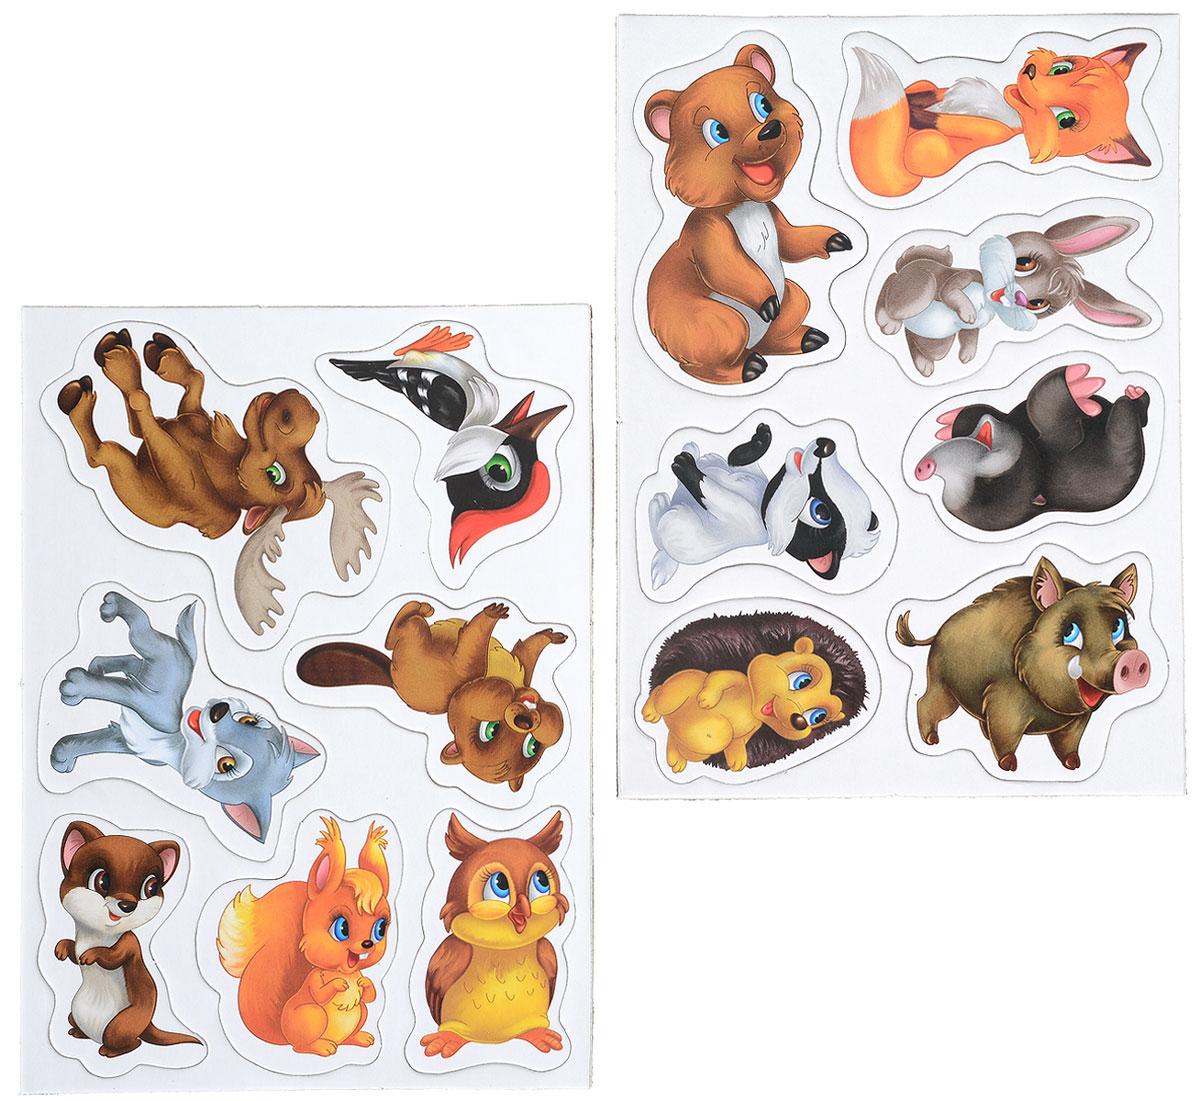 картинки животных лесных для вырезания глянцевом журнале